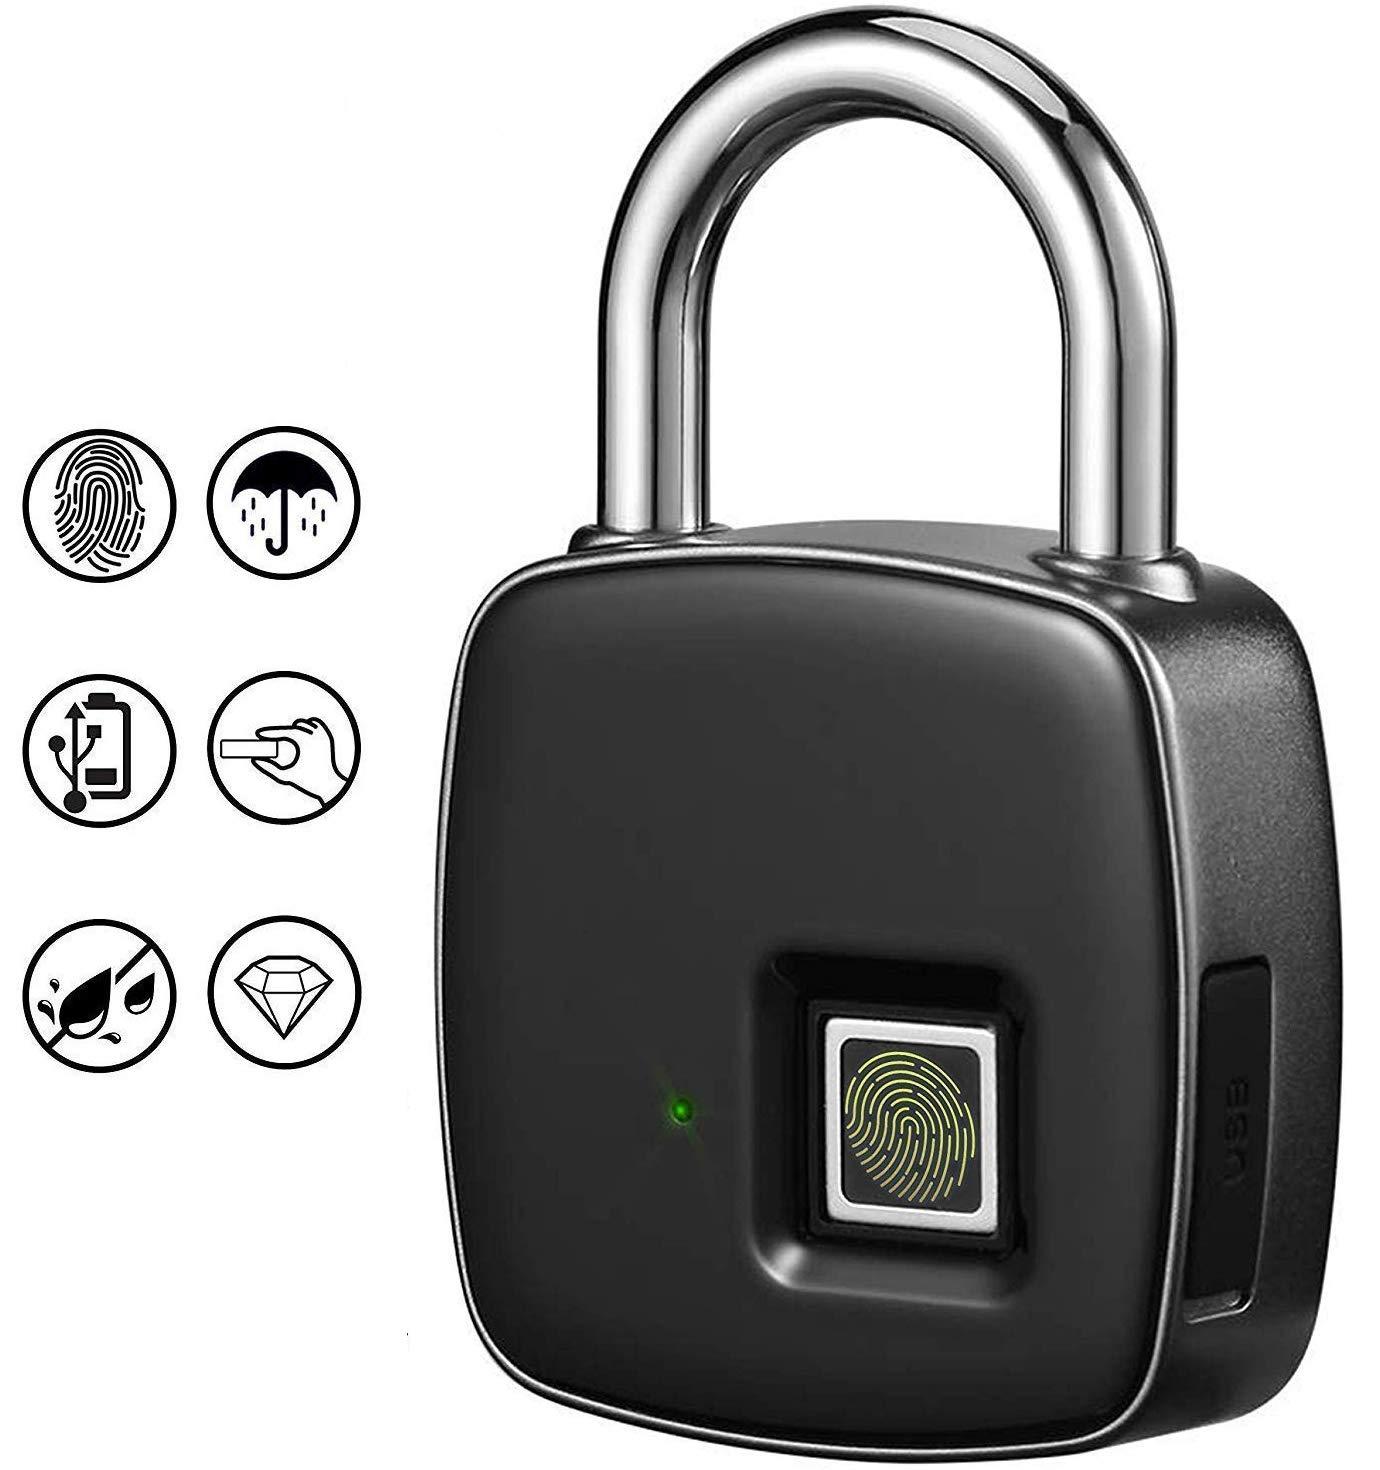 De Carga USB De La Huella Digital del Candado, Cerradura De La Huella Electrónica De Candado De Seguridad Inteligente Sin Llave Puerta De Caja Fuerte Portátil Táctil De Cierre para Armarios, Puertas: